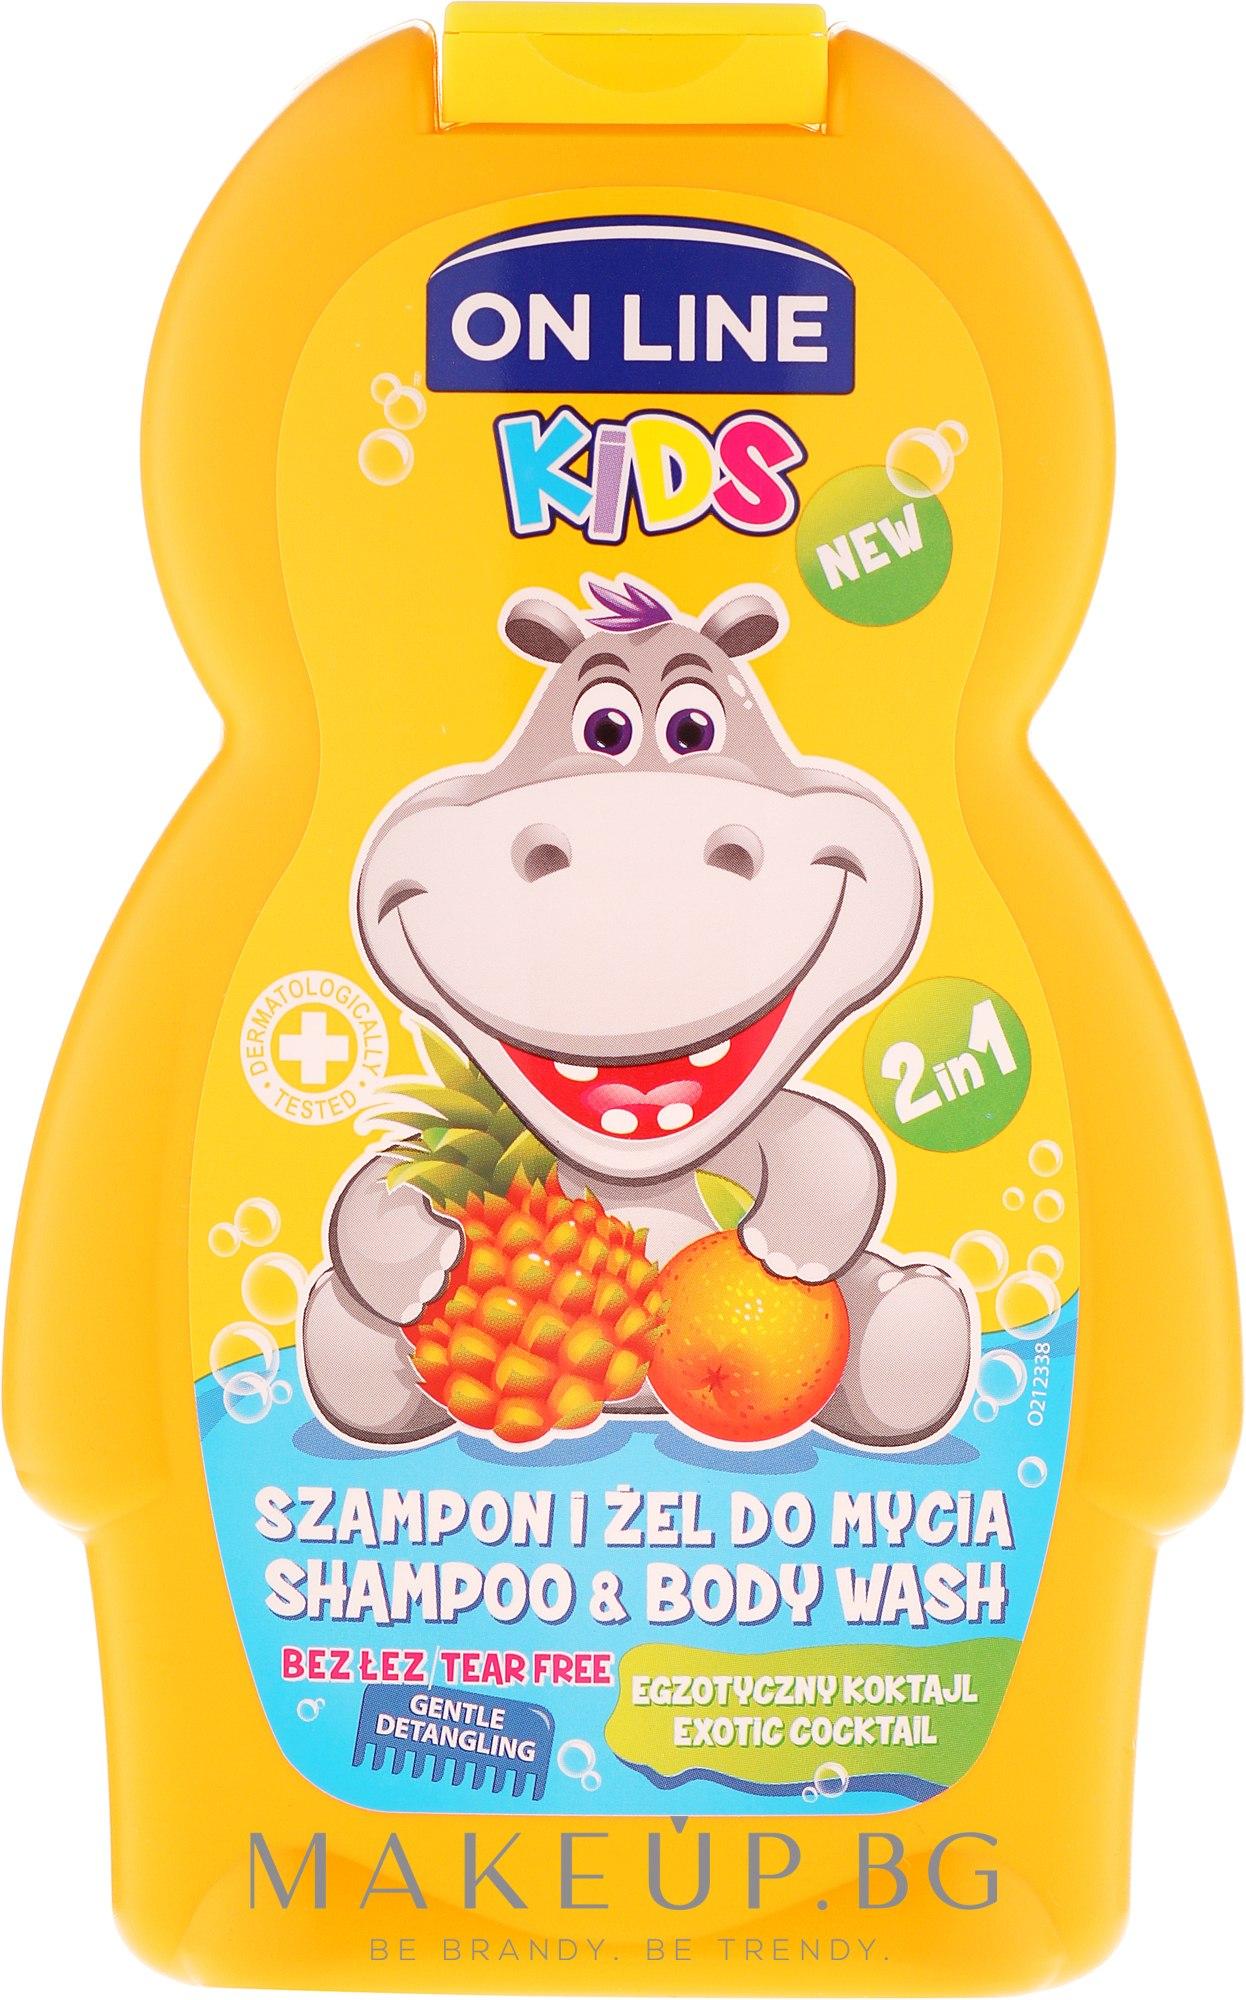 """Шампоан-душ гел за деца """"Екзотичен коктейл"""" - On Line Kids Shampoo & Body Wash — снимка 250 ml"""